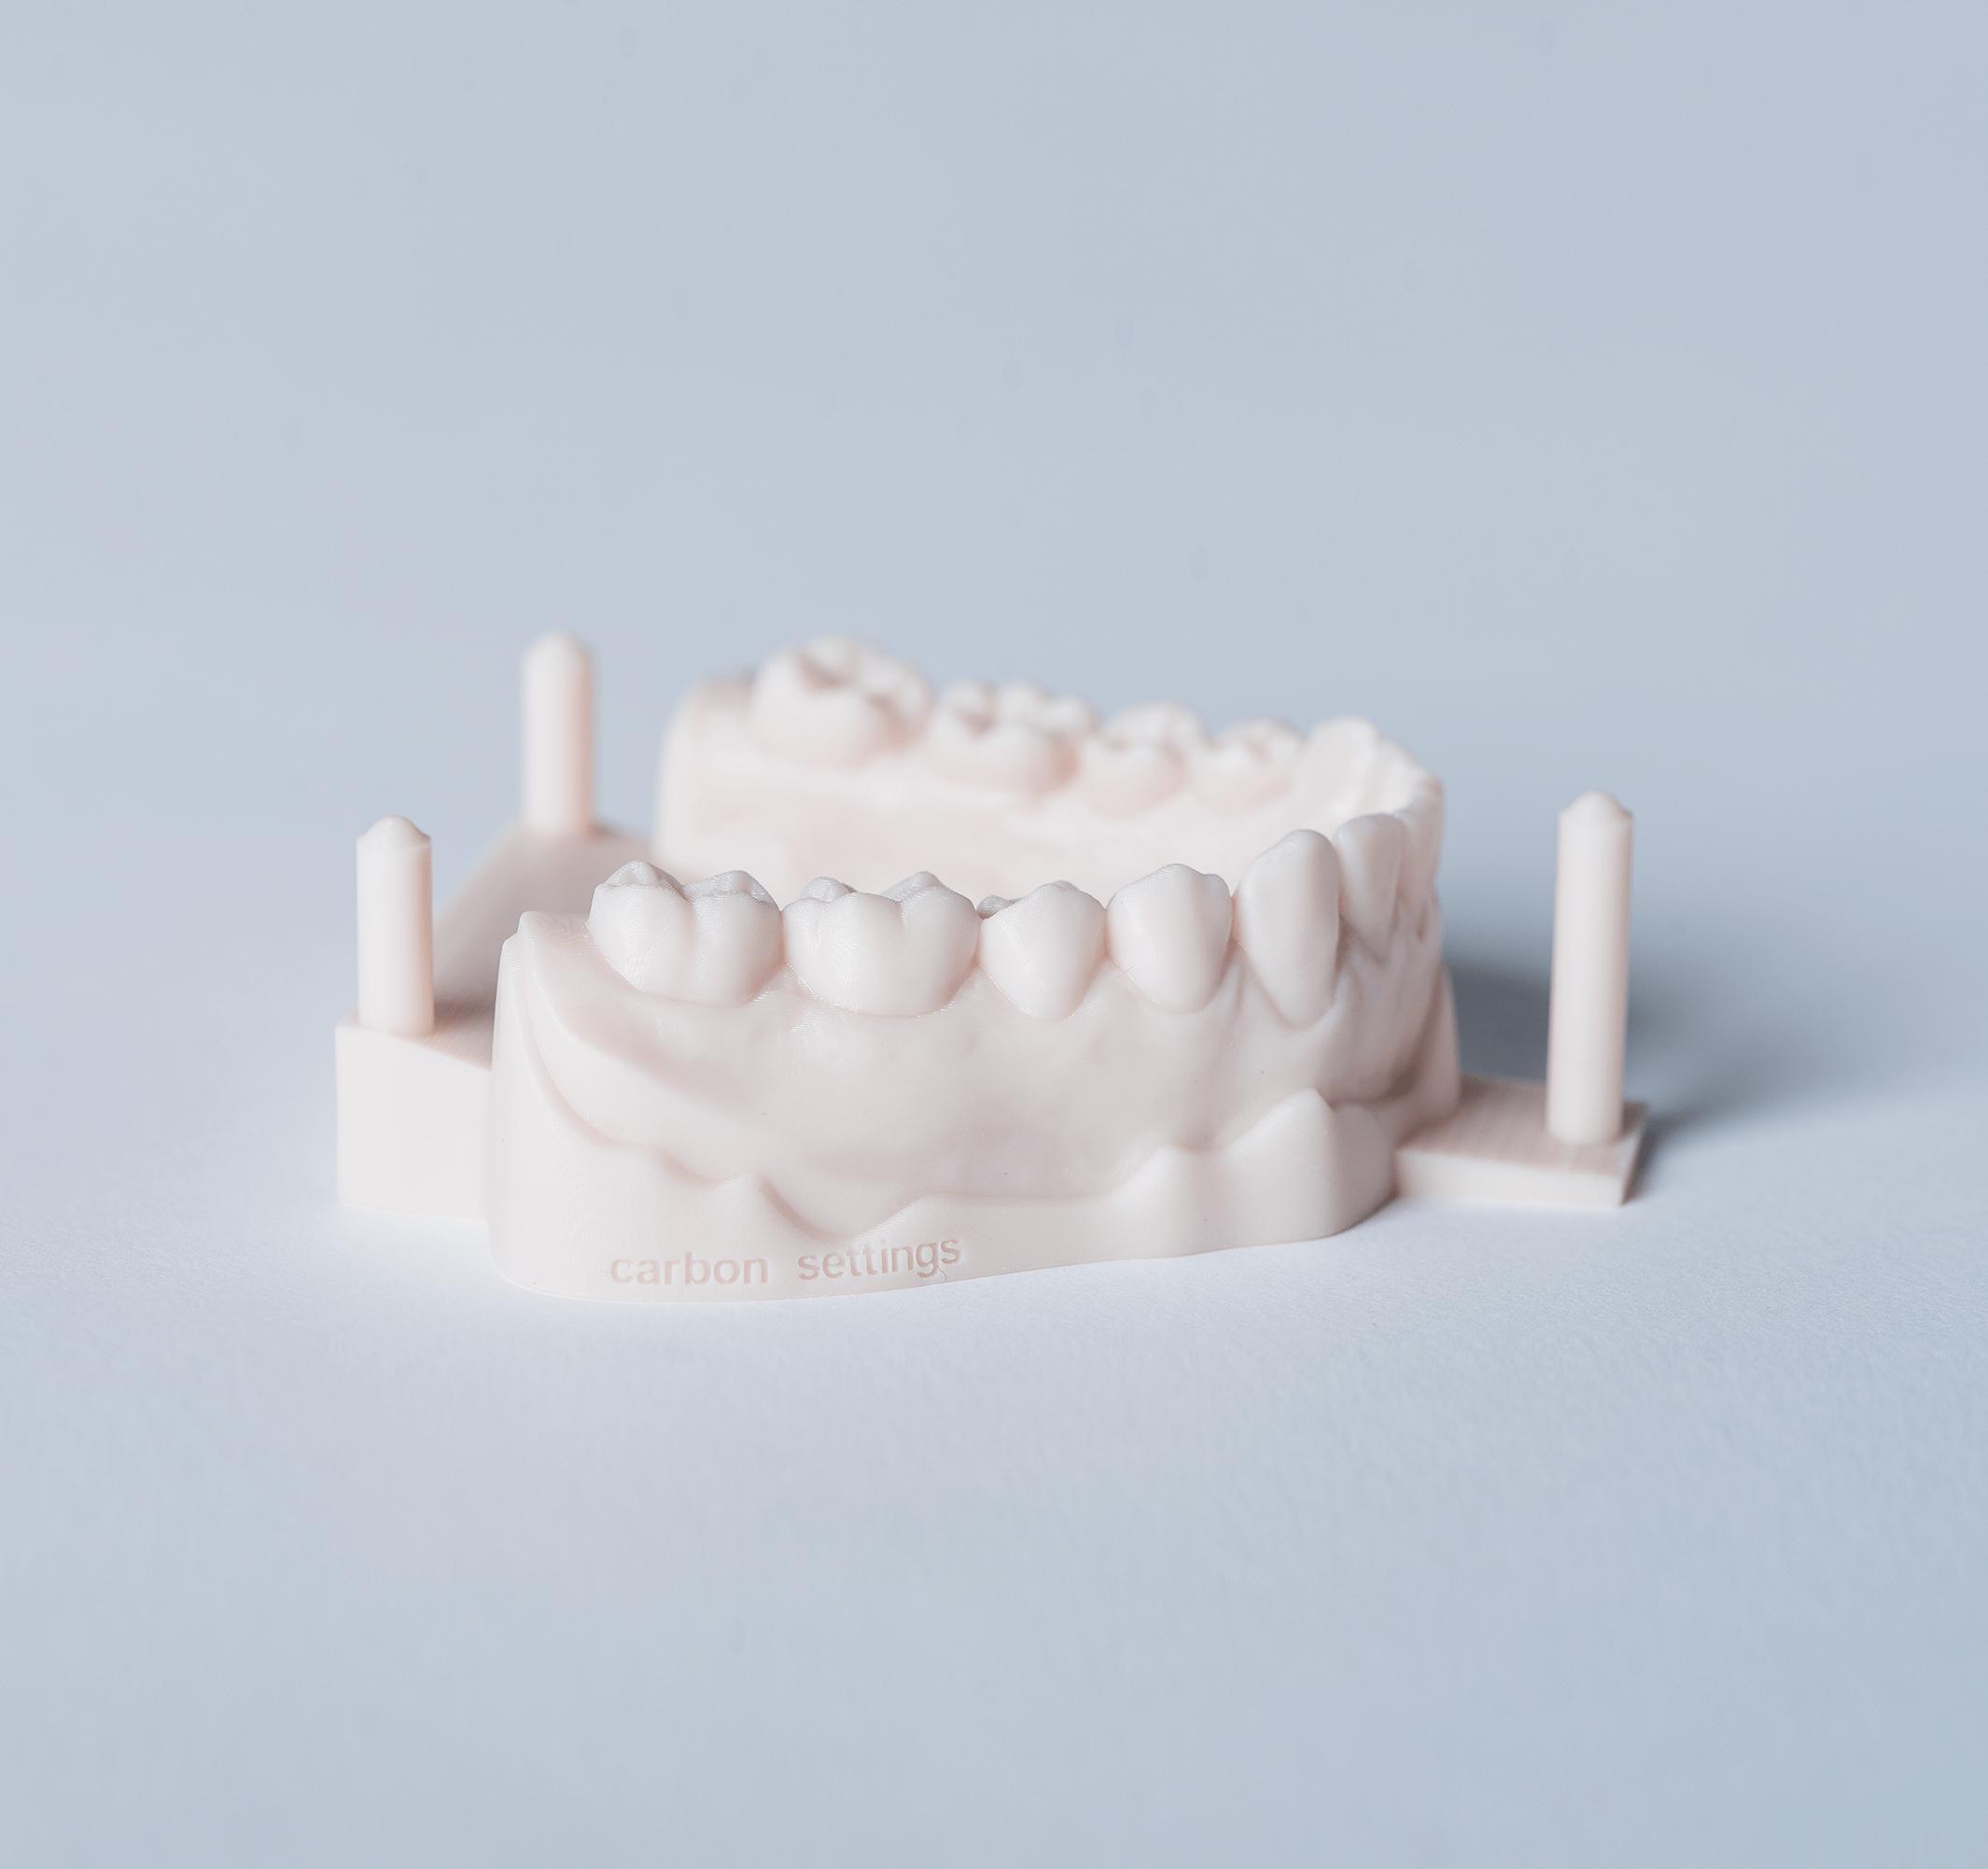 Carbon Reinforces Dental Drive With Launch Of M2d 3D